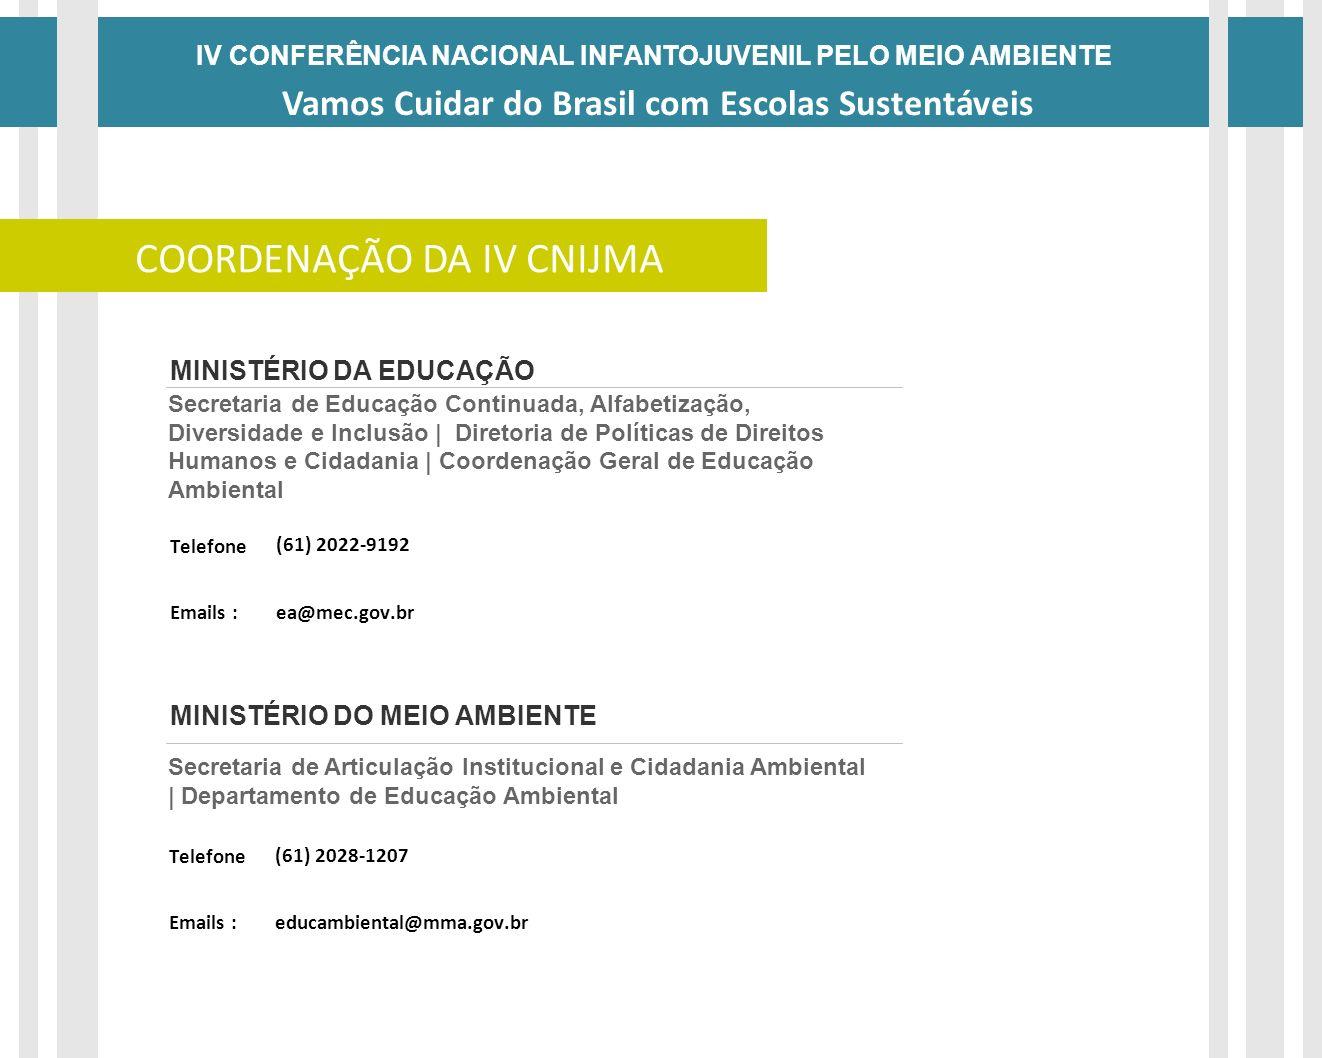 IV CONFERÊNCIA NACIONAL INFANTOJUVENIL PELO MEIO AMBIENTE Vamos Cuidar do Brasil com Escolas Sustentáveis DATAS DATAS DAS ETAPAS DA IV CNIJMA Secretar